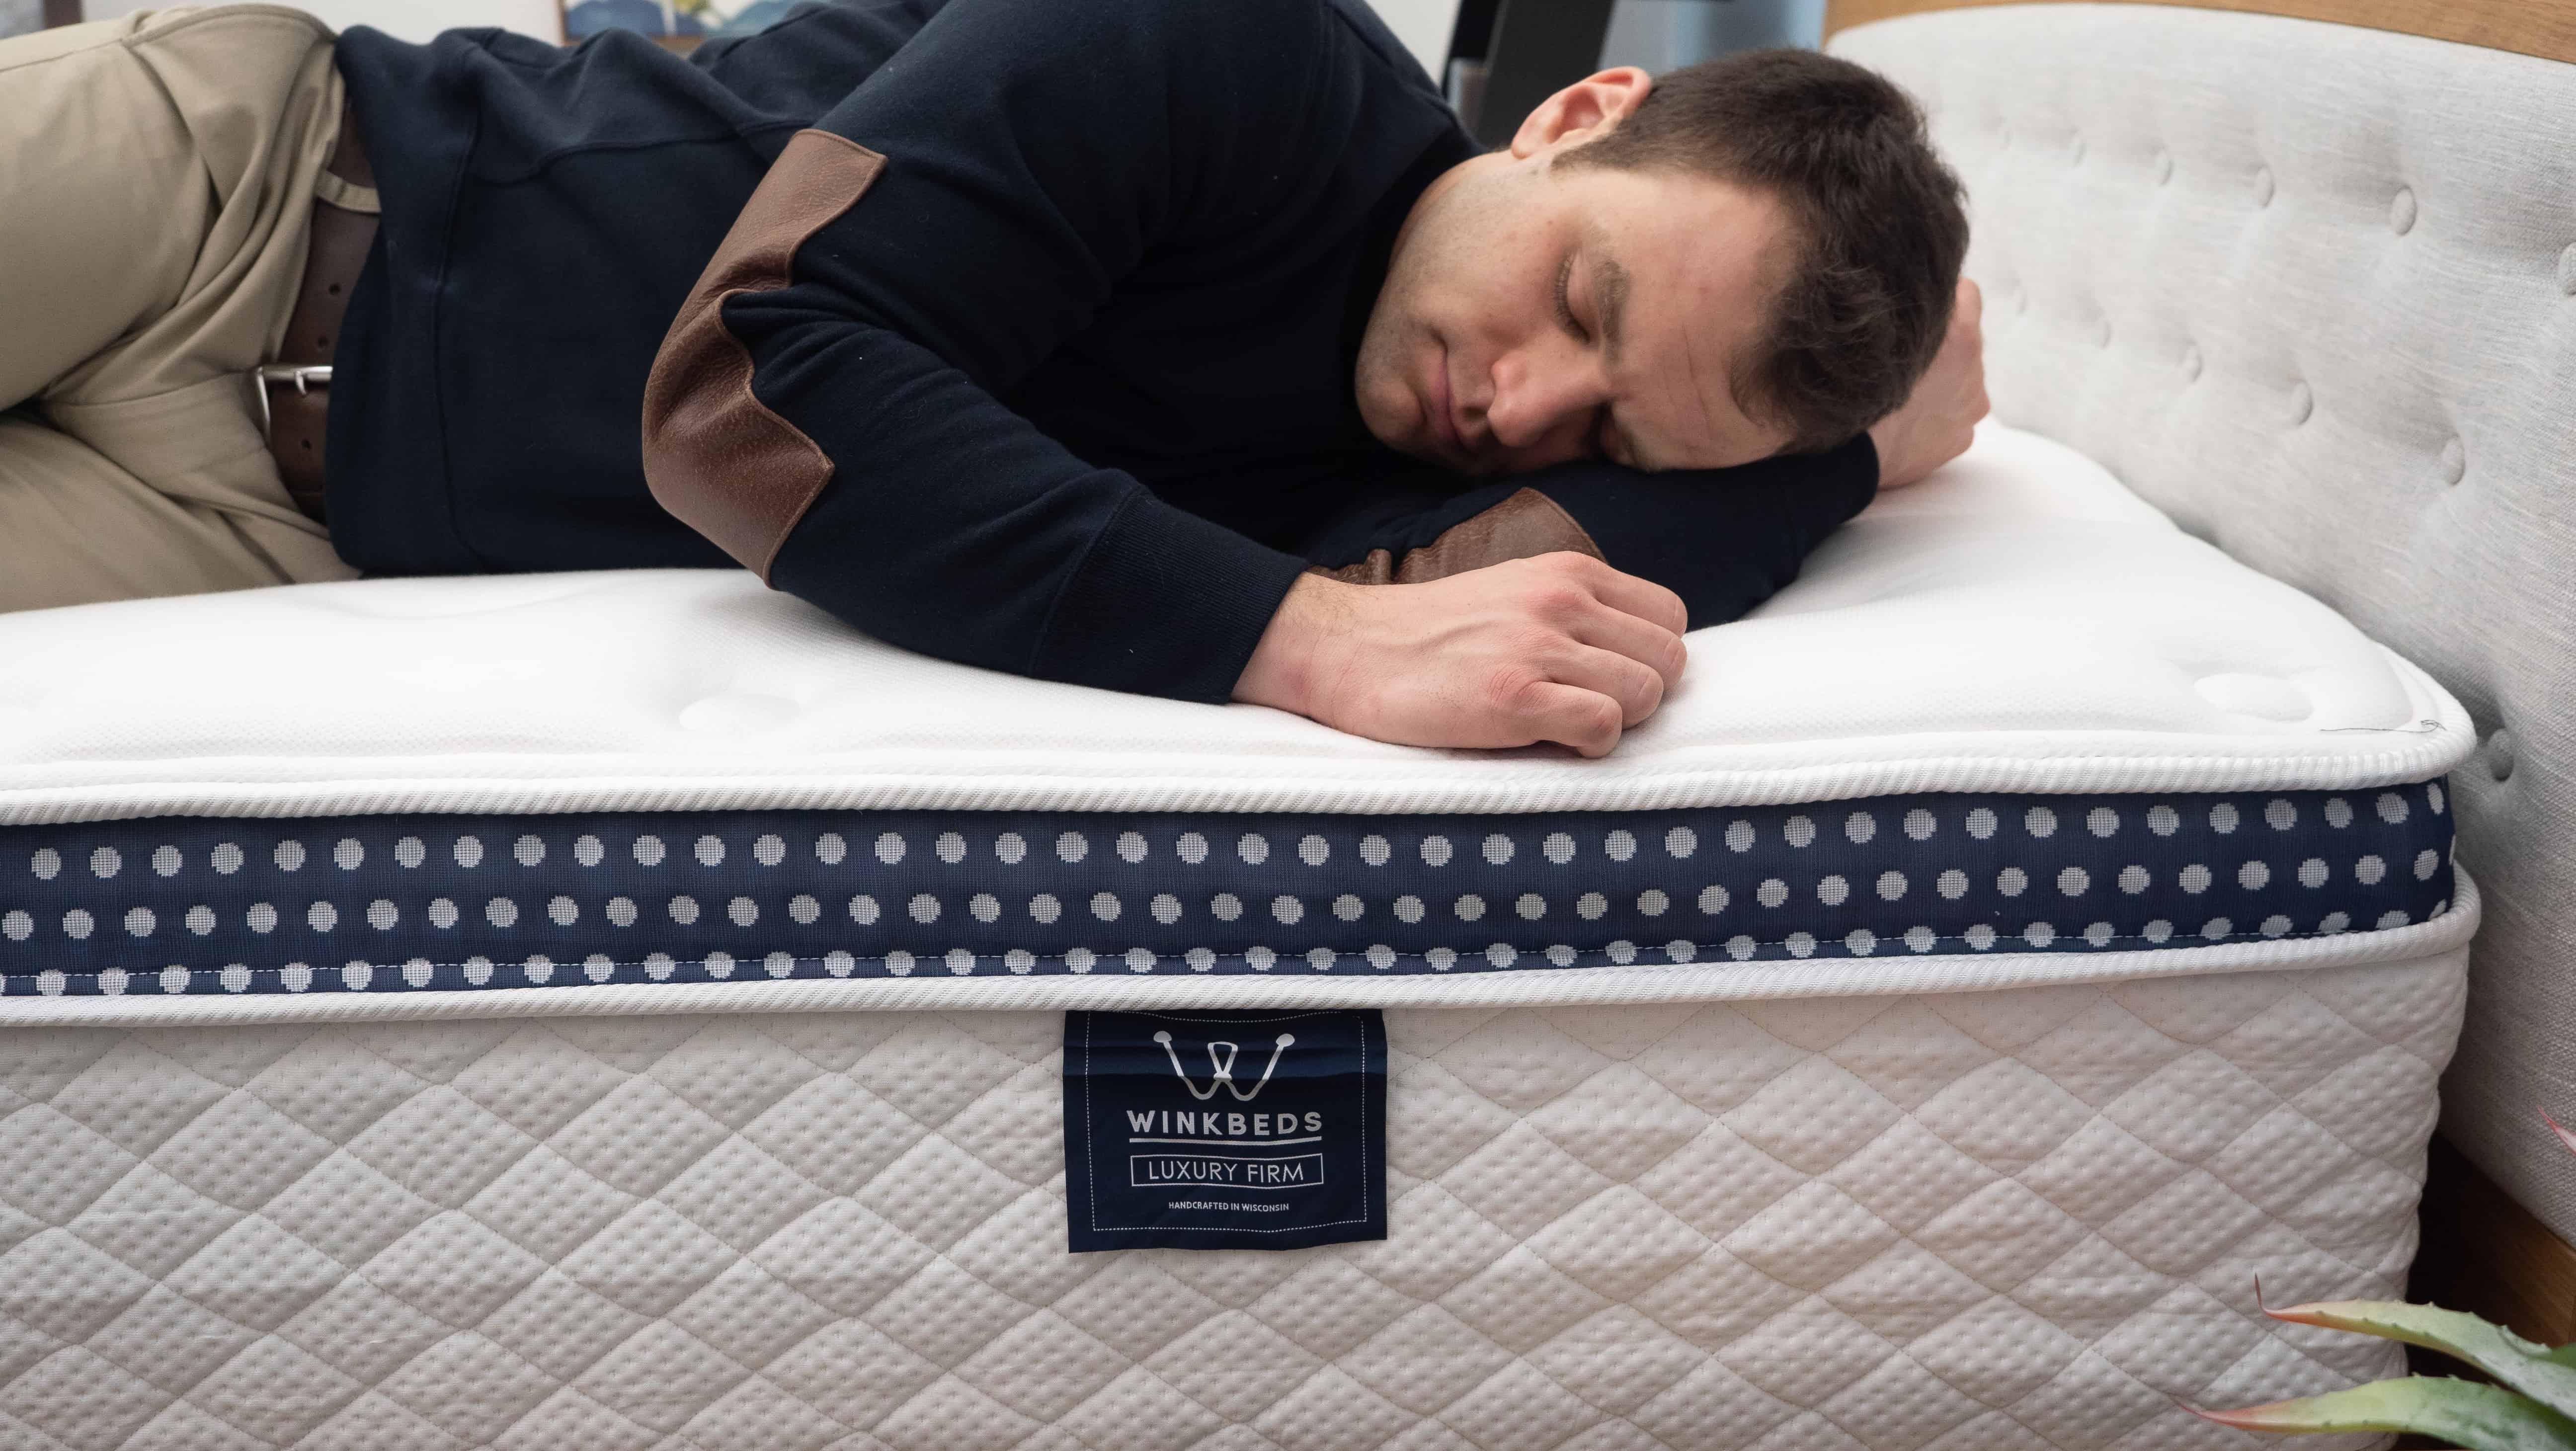 WinkBed 2019 Sleep